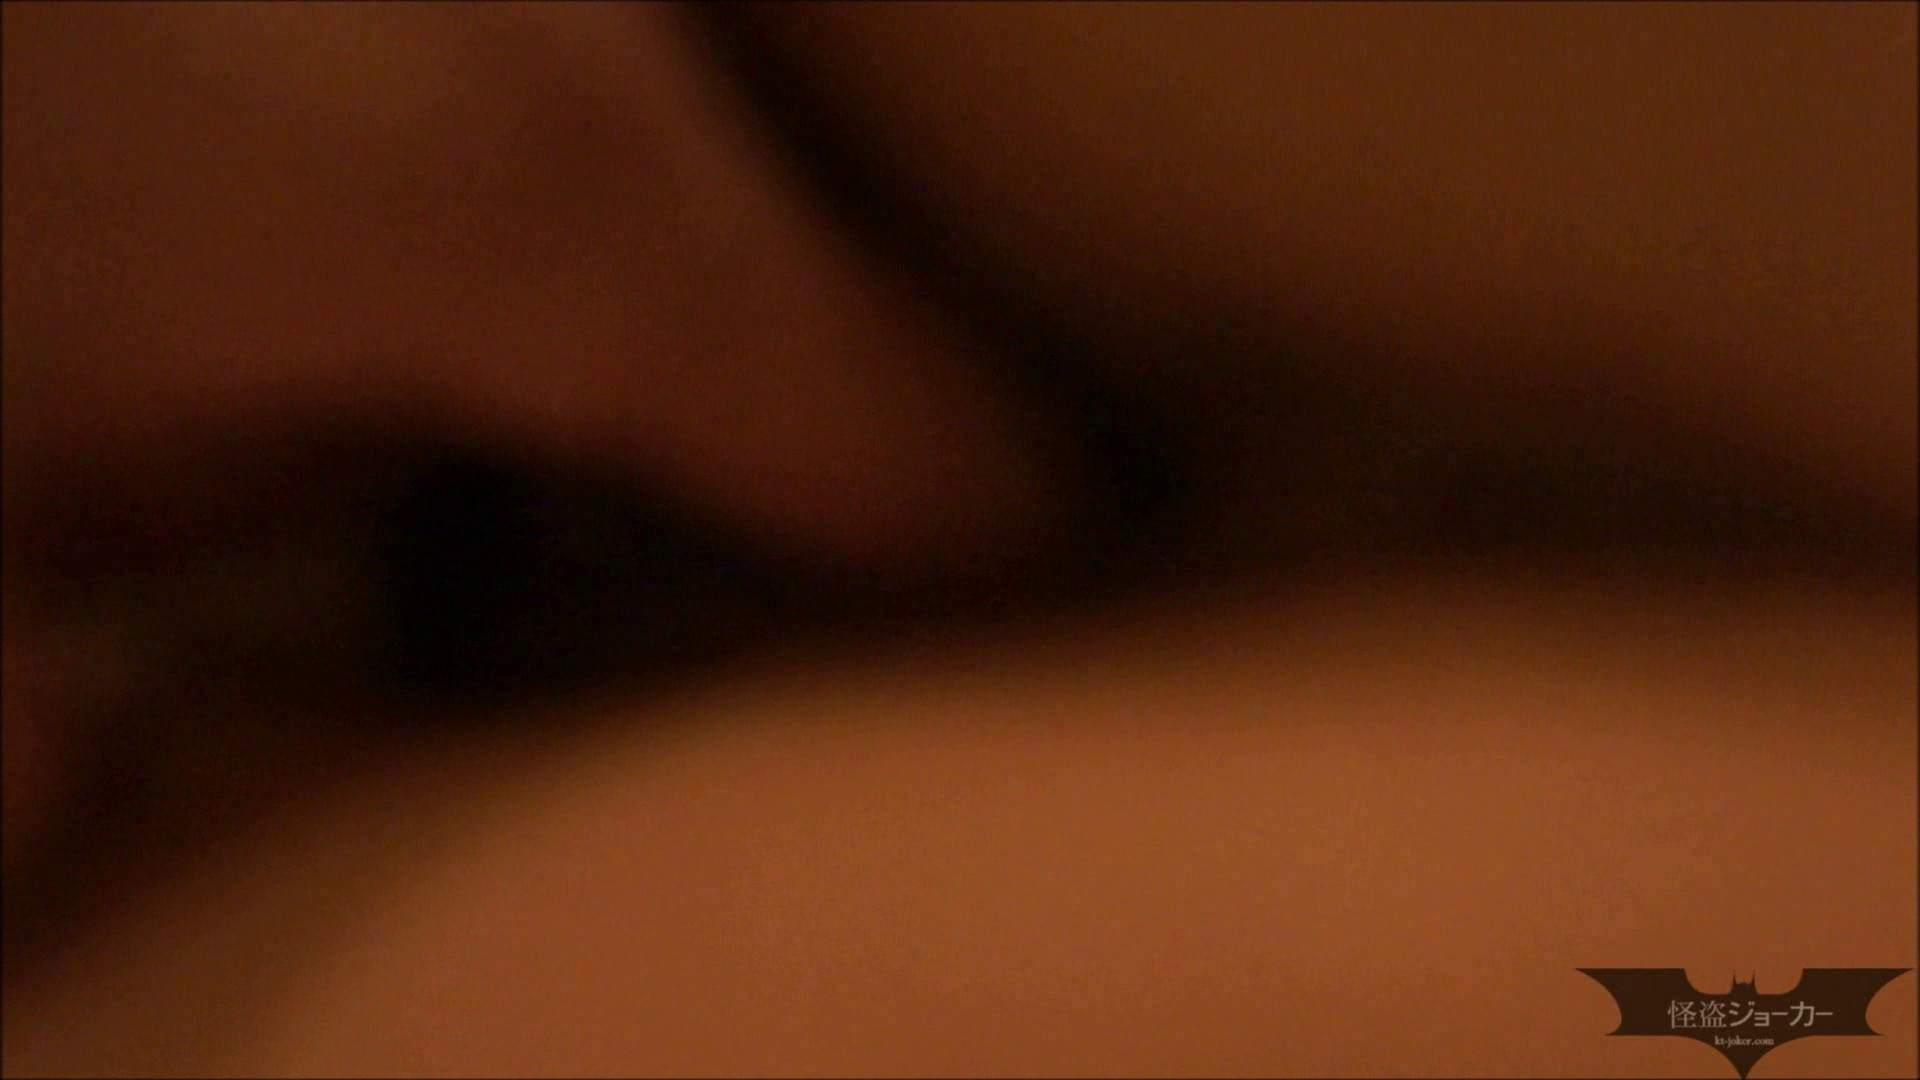 【未公開】vol.19 セレブ美魔女・仕事帰りに口淫、膣内射精、滴り落ちる精液。 高画質 AV無料 86枚 5